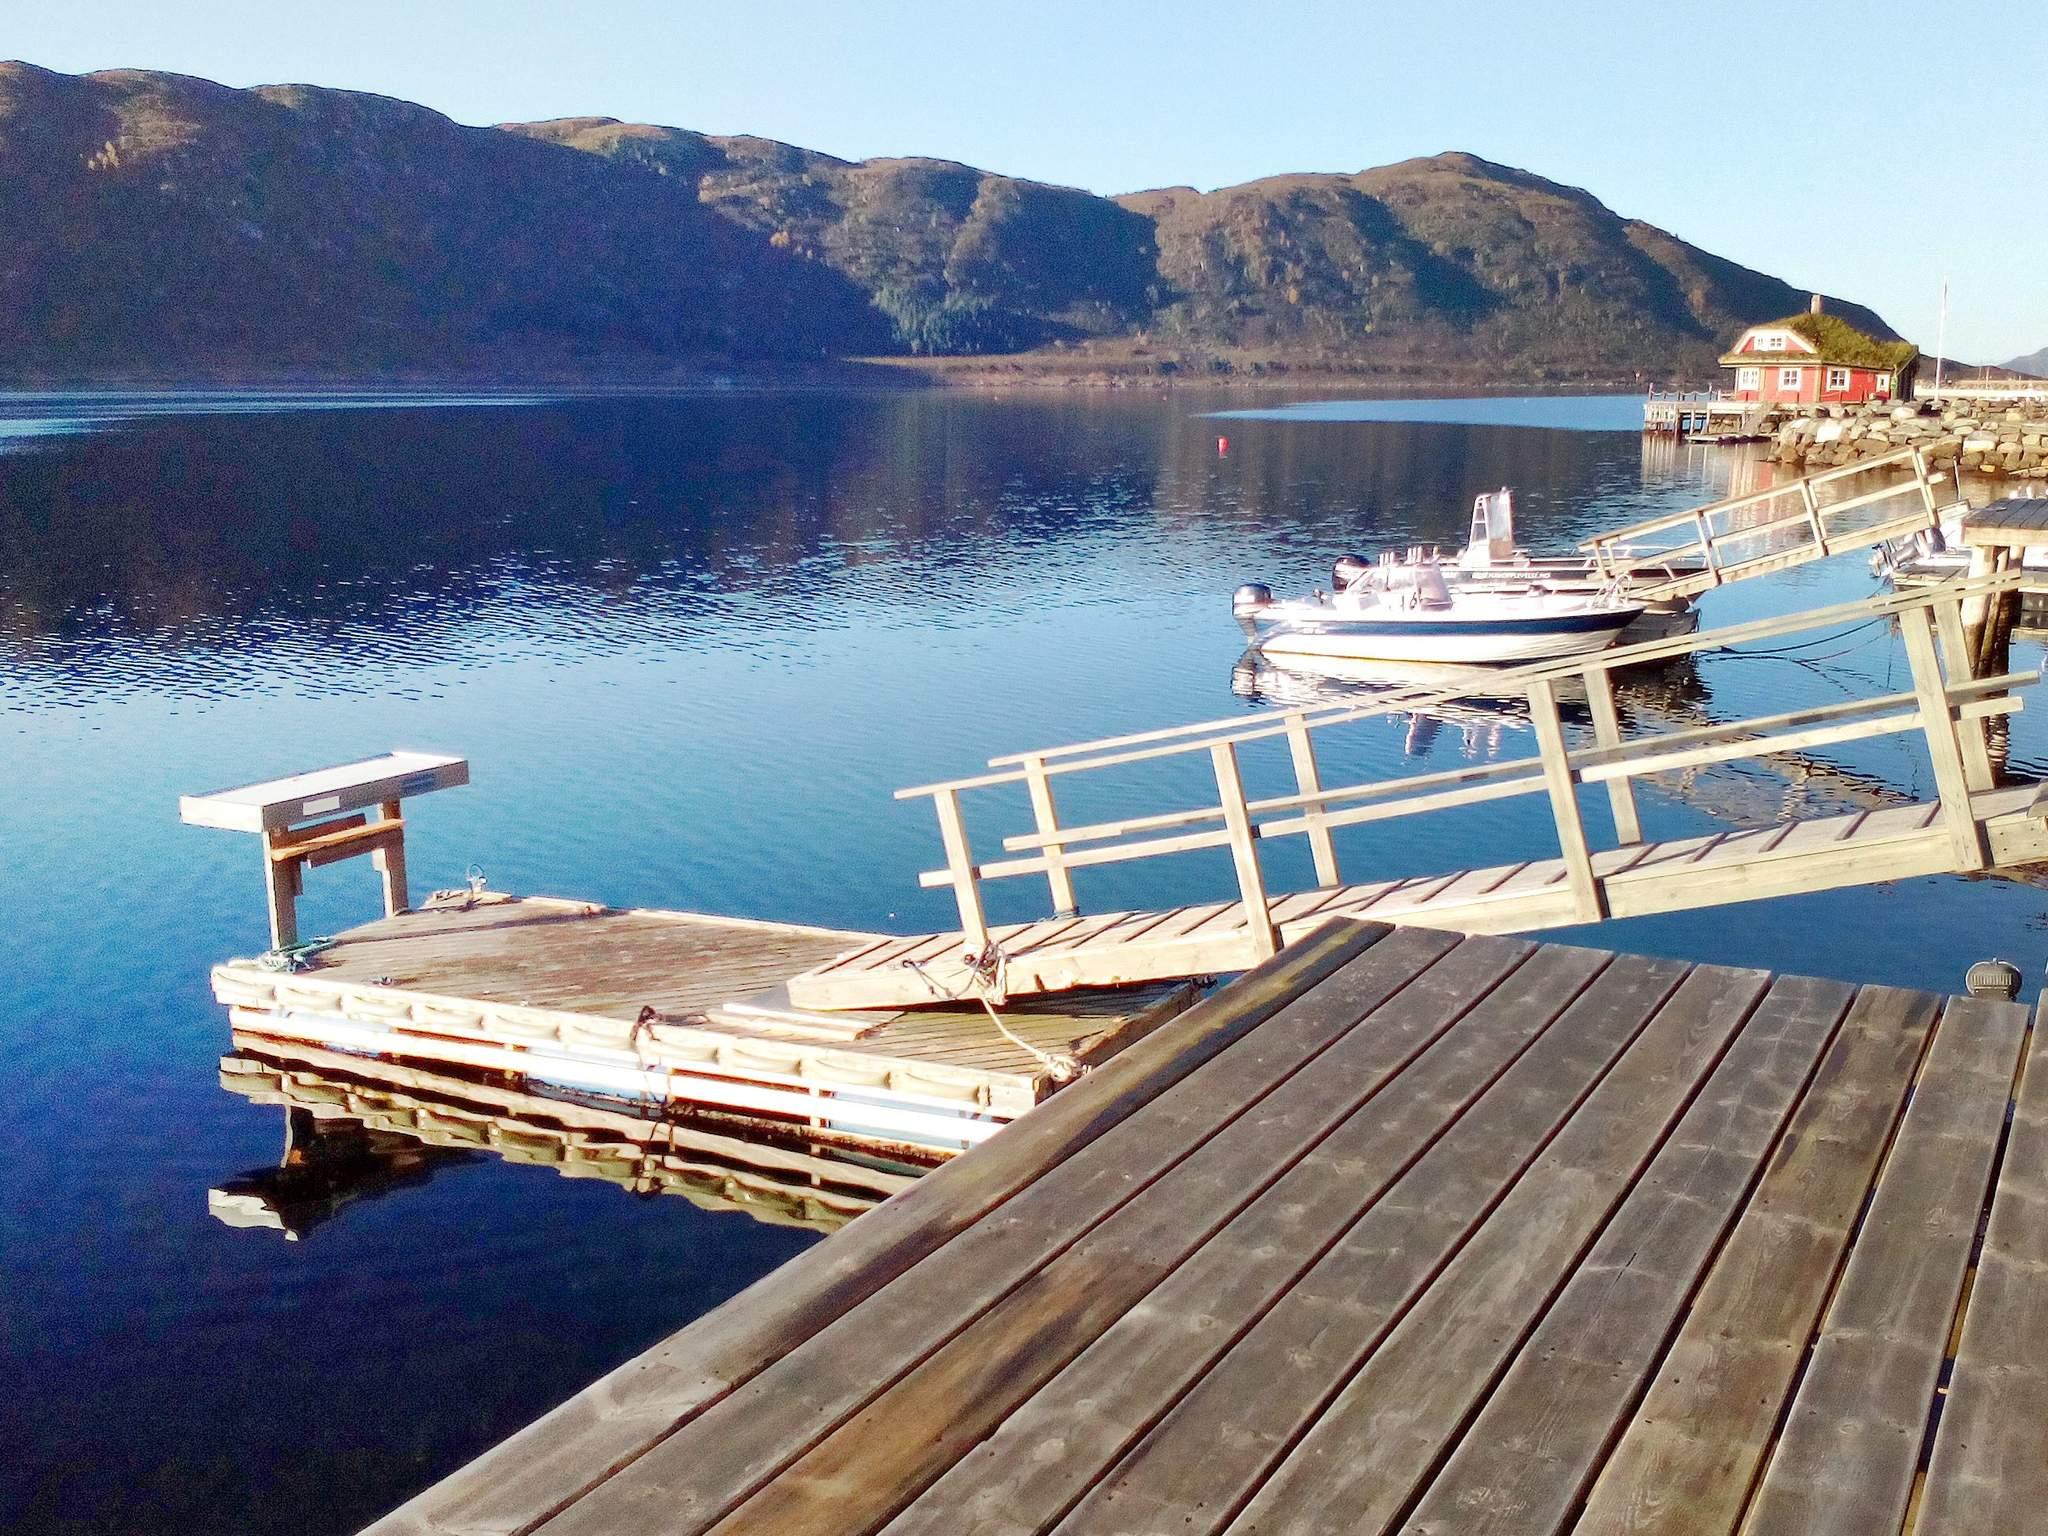 Ferienhaus Haugsbygda (479853), Haugsbygda, More - Romsdal, Westnorwegen, Norwegen, Bild 51